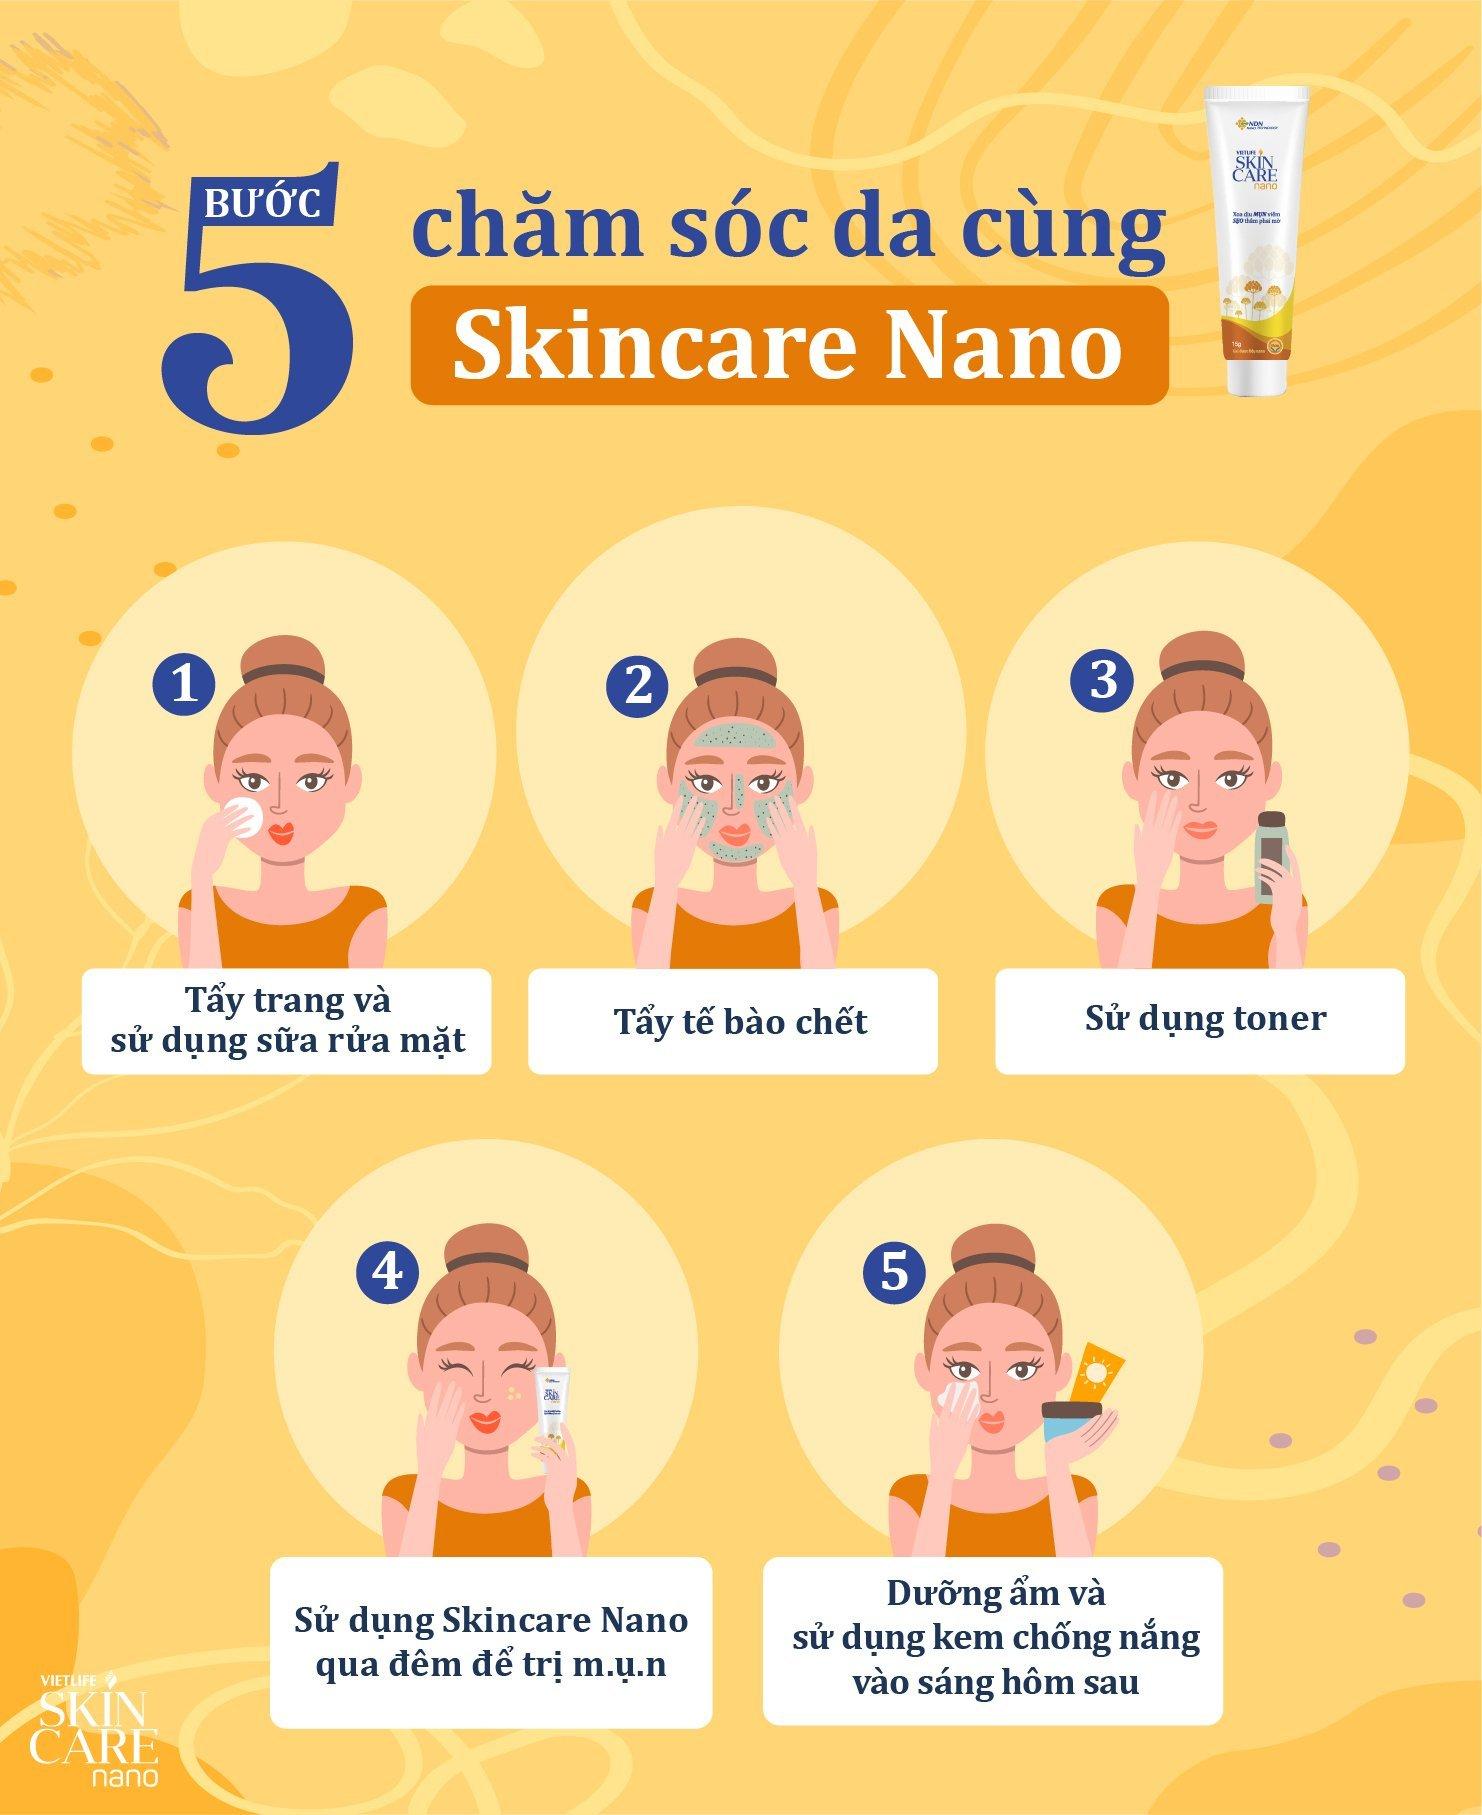 Routine các bước chăm sóc da với Skincare Nano để giúp da sáng mịn và sạch mụn 1